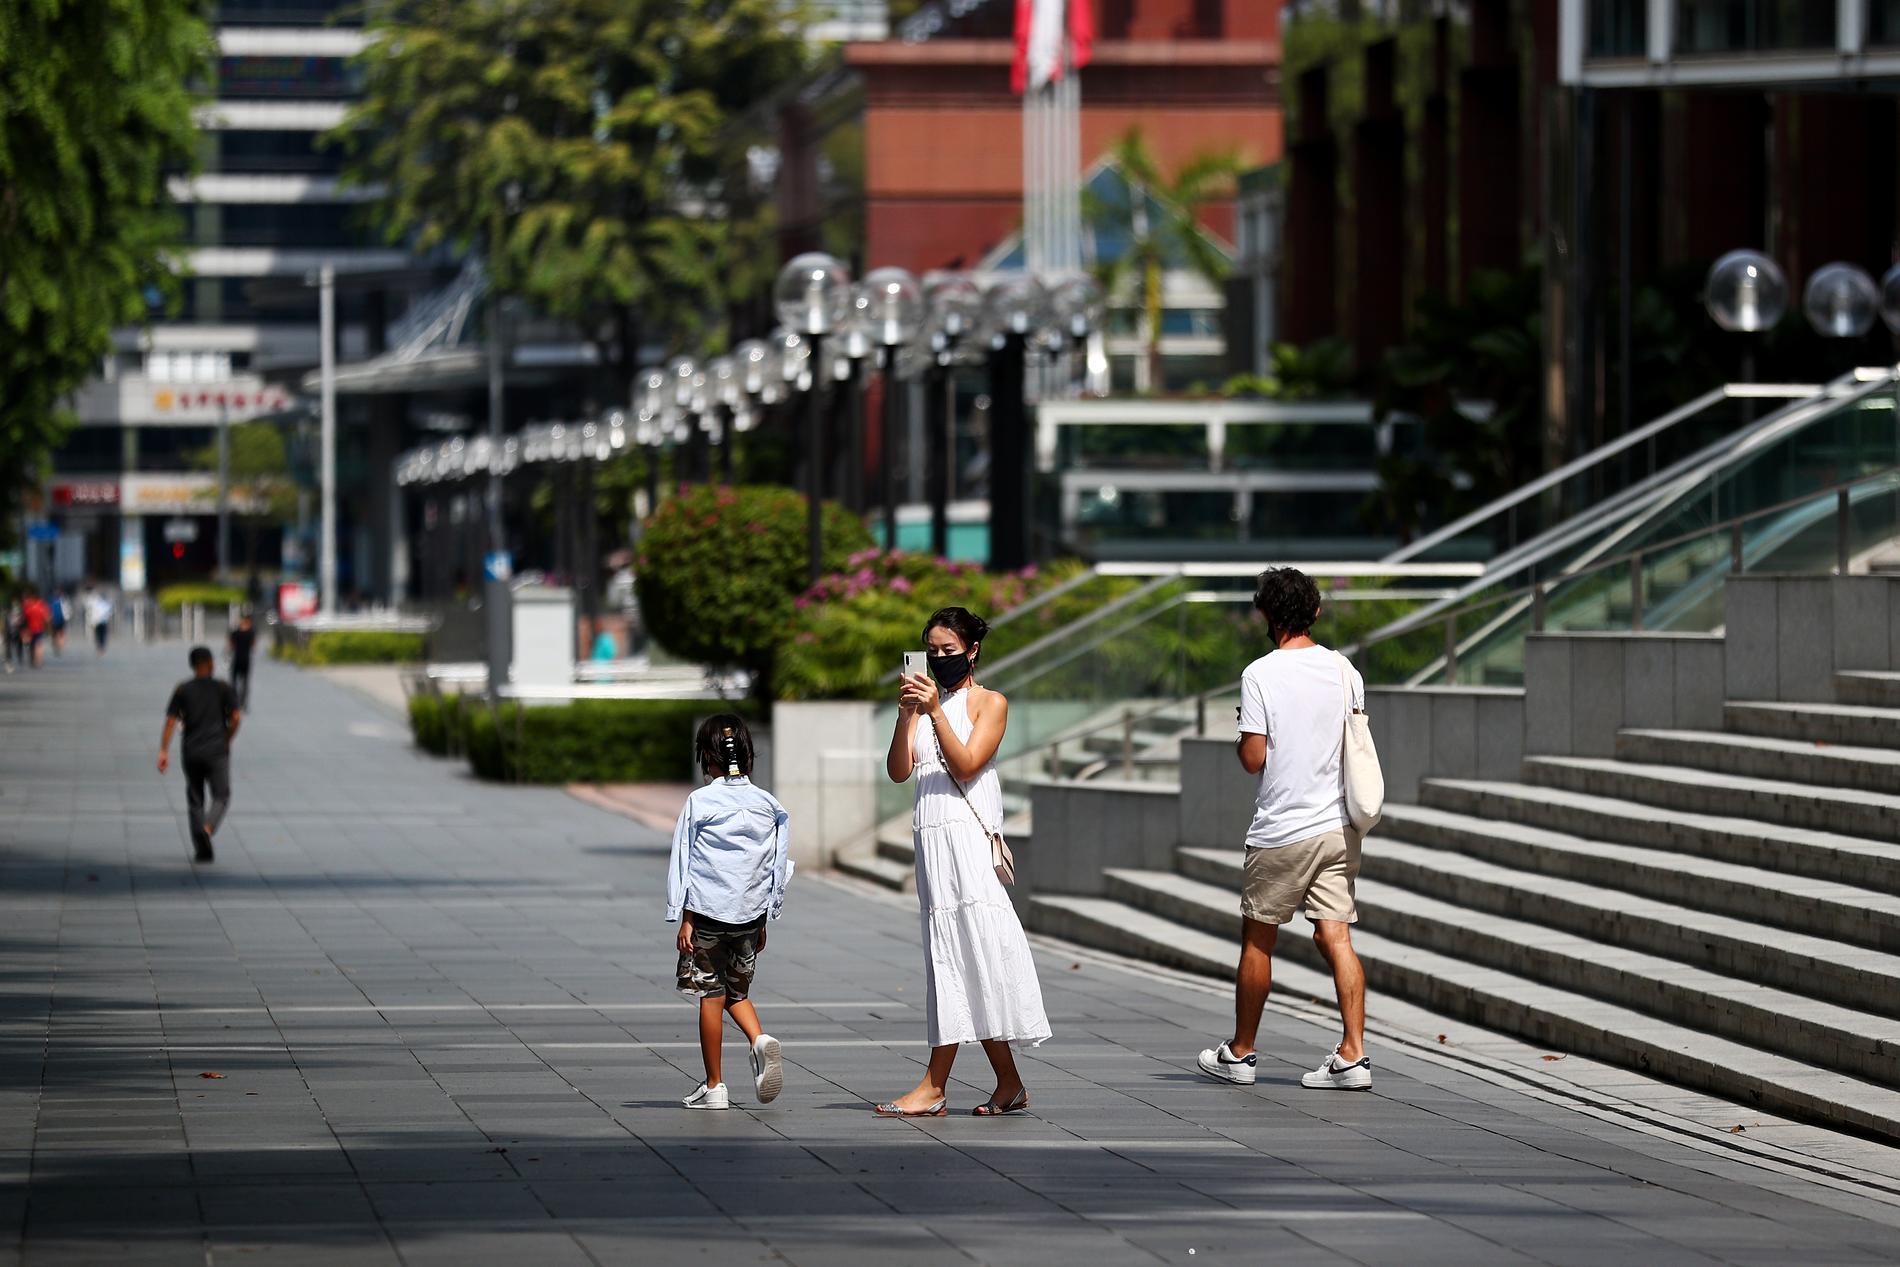 Gatorna i Singapore är ödsliga. I det lilla landet pågår ett andra utbrott av sjukdomsfall relaterade till det nya coronaviruset och smittodämpande restriktioner har införts.